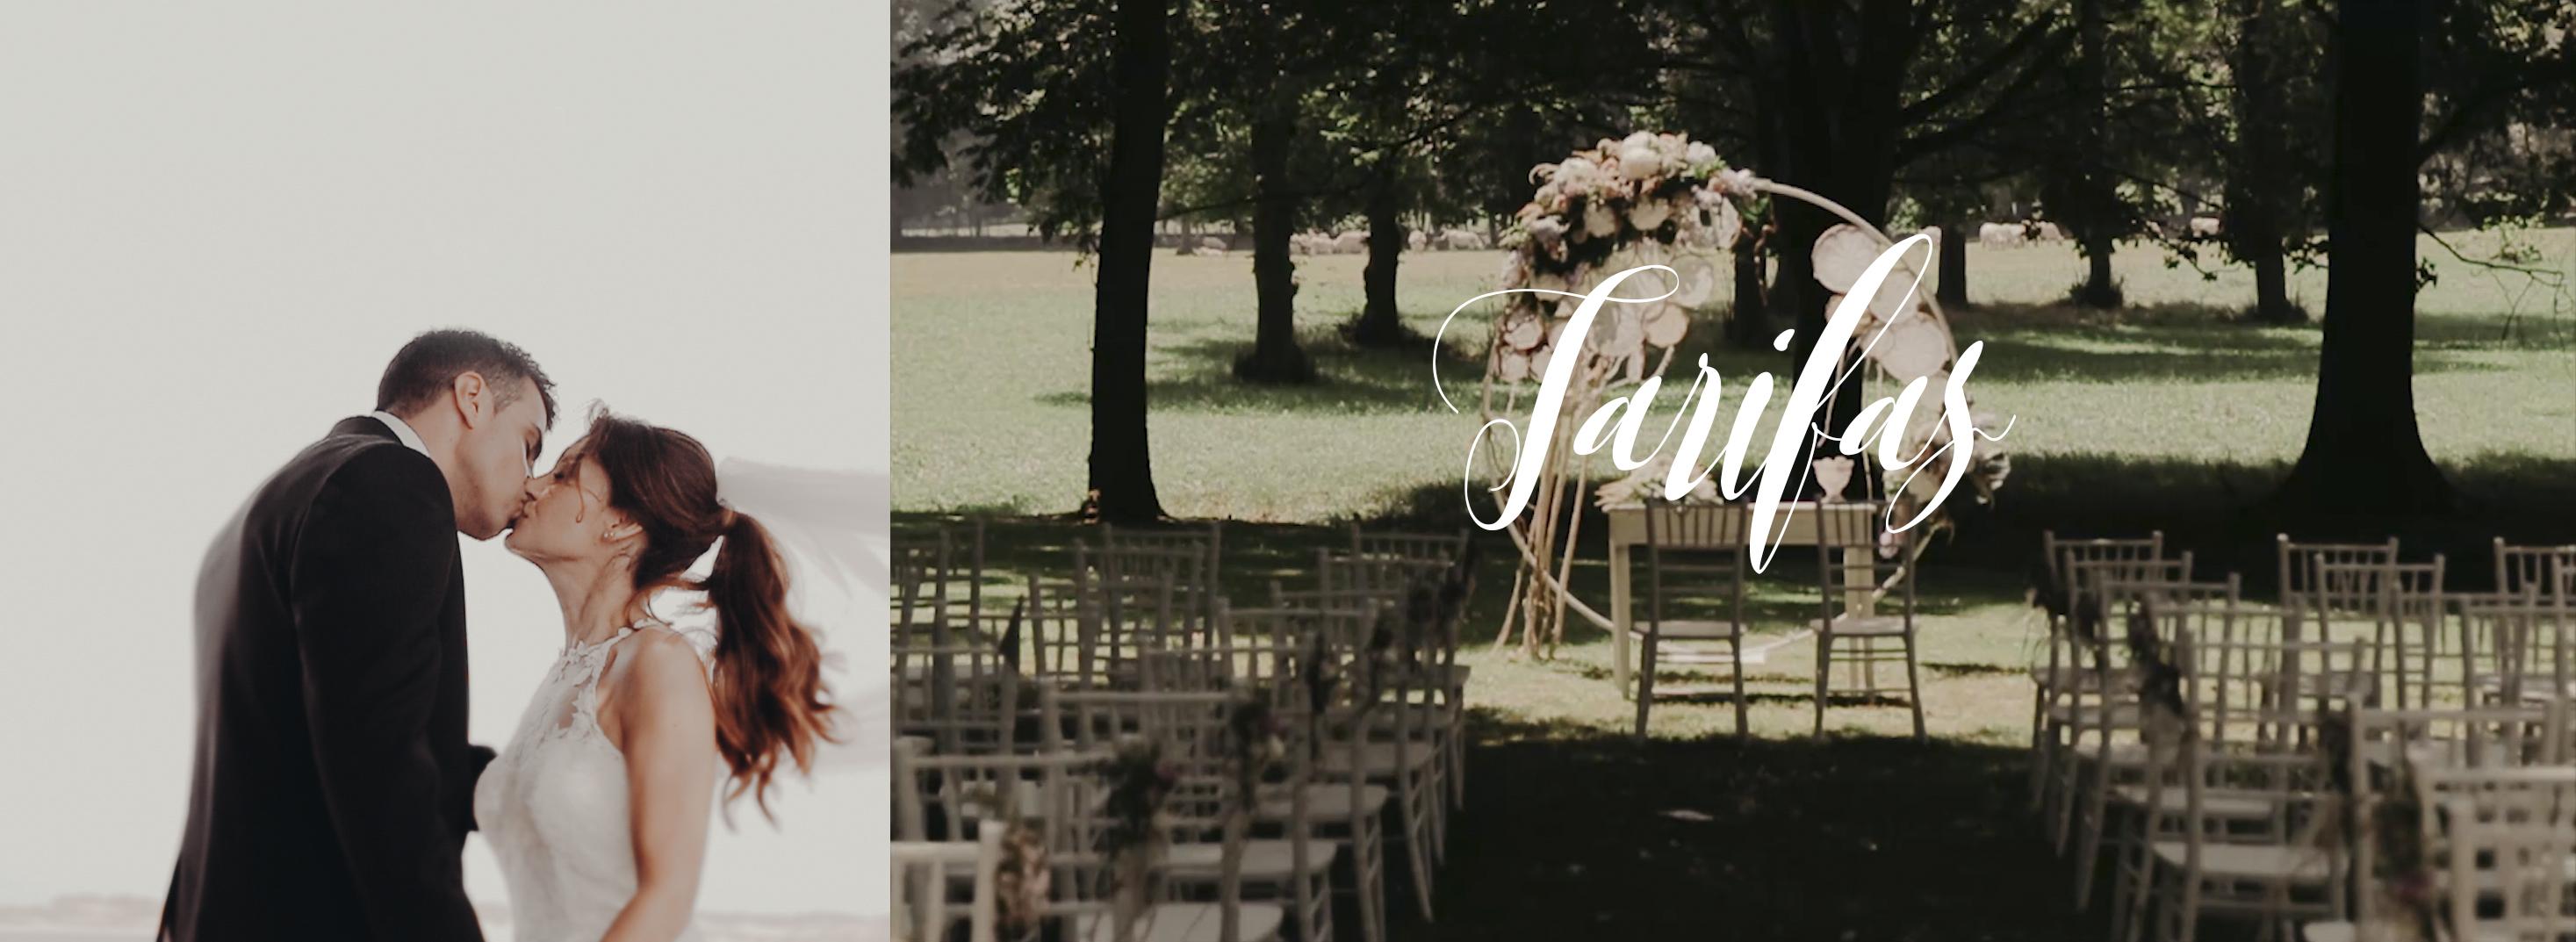 TARIFAS LUMINARE VIDEOGRAPHY luminare videography como trabajamos vídeo de boda cantabria santander vídeos de boda, wedding films, vídeos de bodas en Cantabria, vídeos de bodas en Asturias, vídeos de bodas en Bilbao, vídeos de bodas en España, vídeos de bodas en Valladolid, bodas, videógrafos, vídeos de bodas en Burgos fotógrafos bodas valencia, reportajes de boda, vídeo boda, bodas originales, wedding film, fotografías especiales boda, trailers de boda, vídeos de bodas, reportajes fotográficos, comuniones, vídeo confesionarios, photocall con revelado, flashmob, invitación boda, vídeos agradecimiento, preboda, postboda, Vídeo de boda en Cantabria y Santander para novios exigentes que buscan un vídeo de boda original, diferente y emocional